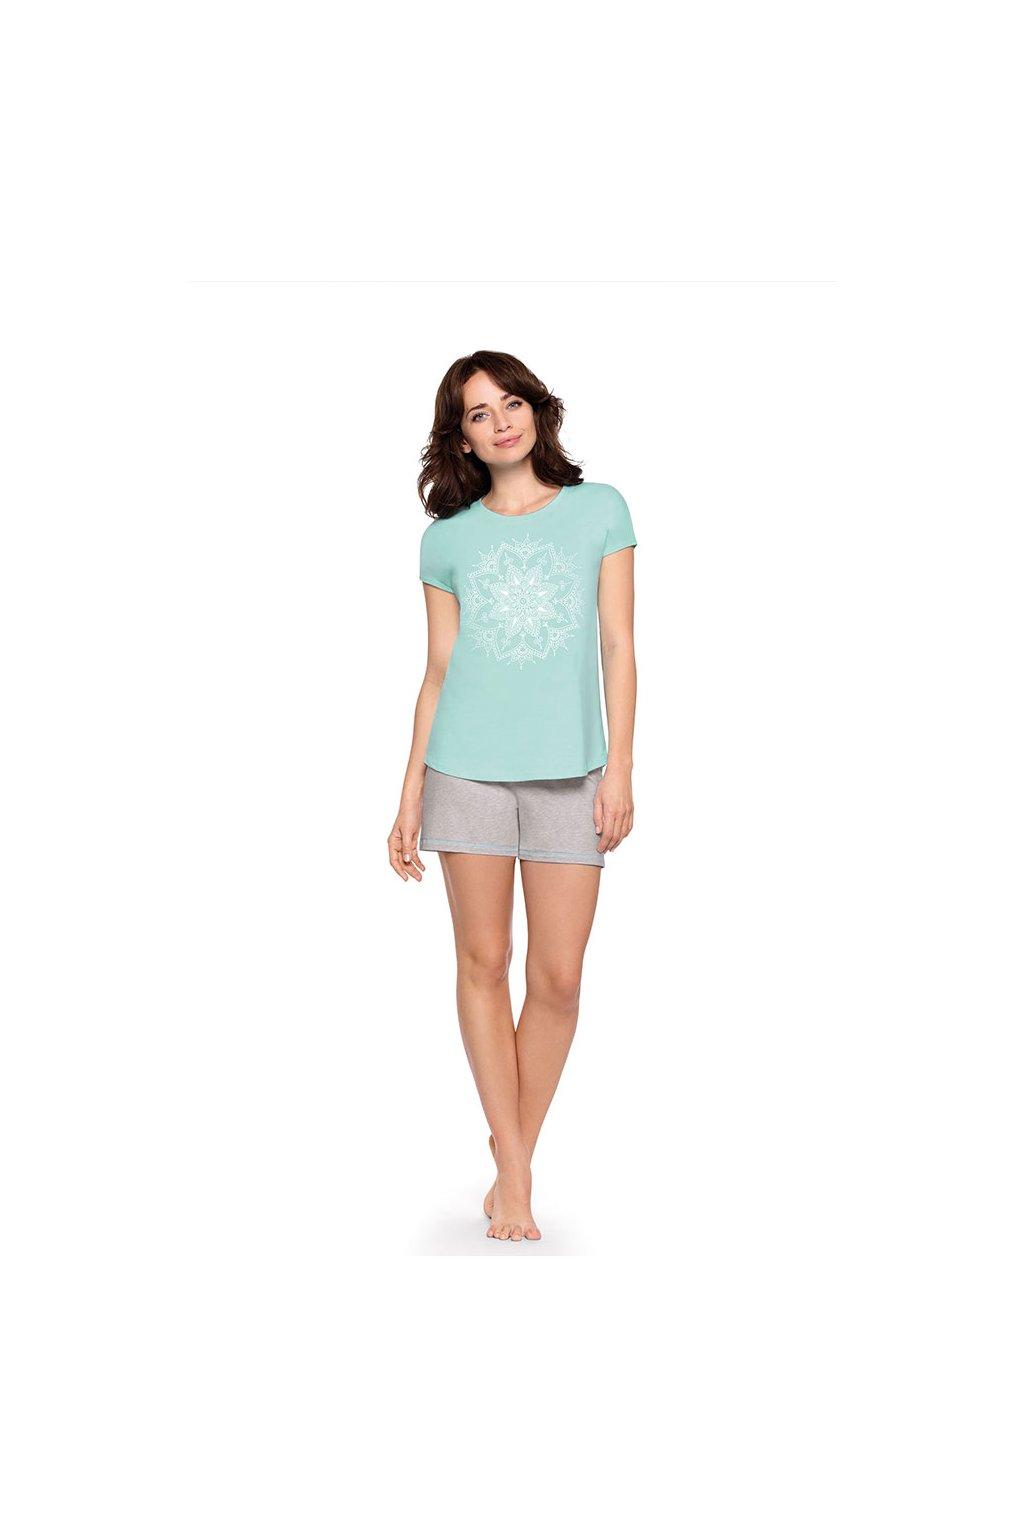 Dámské pyžamo s krátkým rukávem, 104469 98, modrá